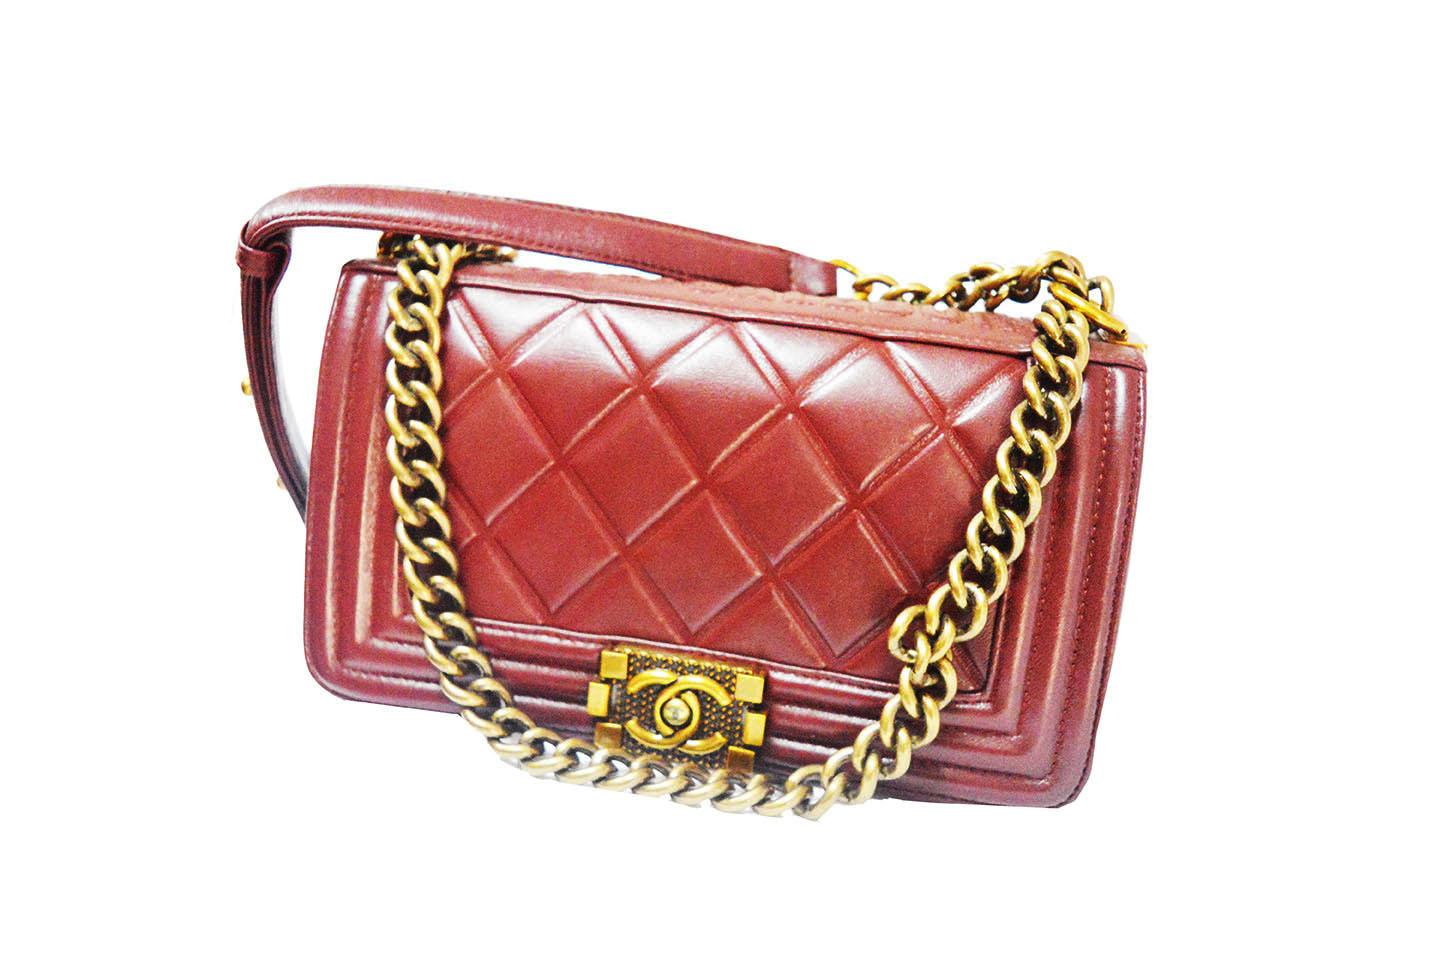 7409de254147 ShoppingList   Sac Femme Channel Boy (Women Hand Bag)